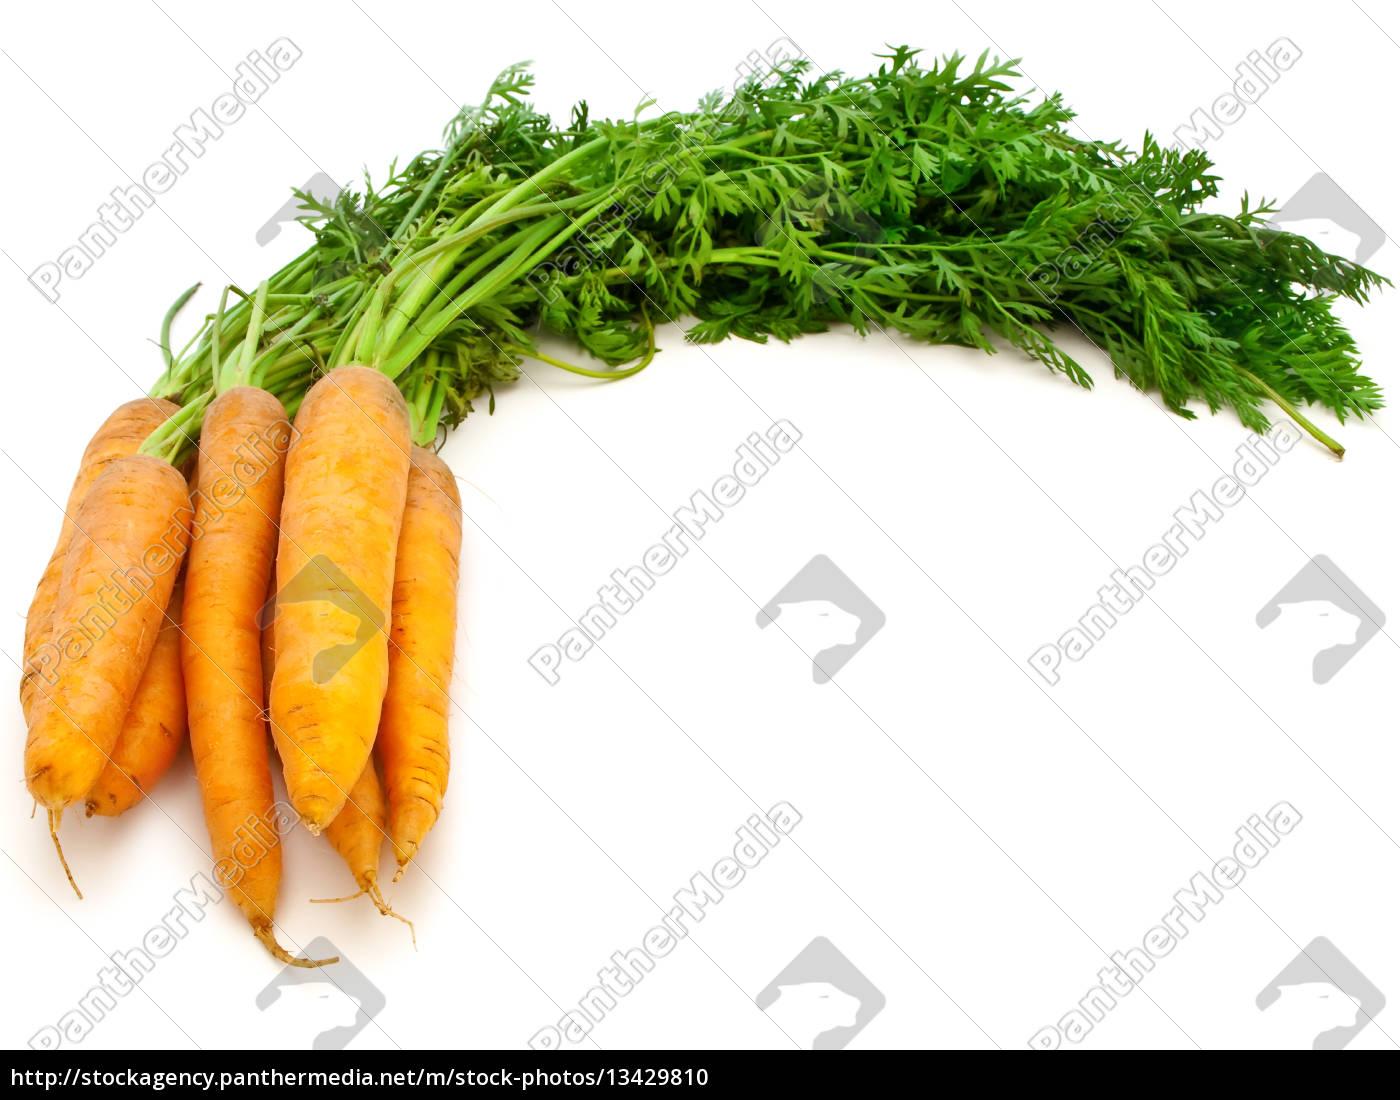 carrot - 13429810